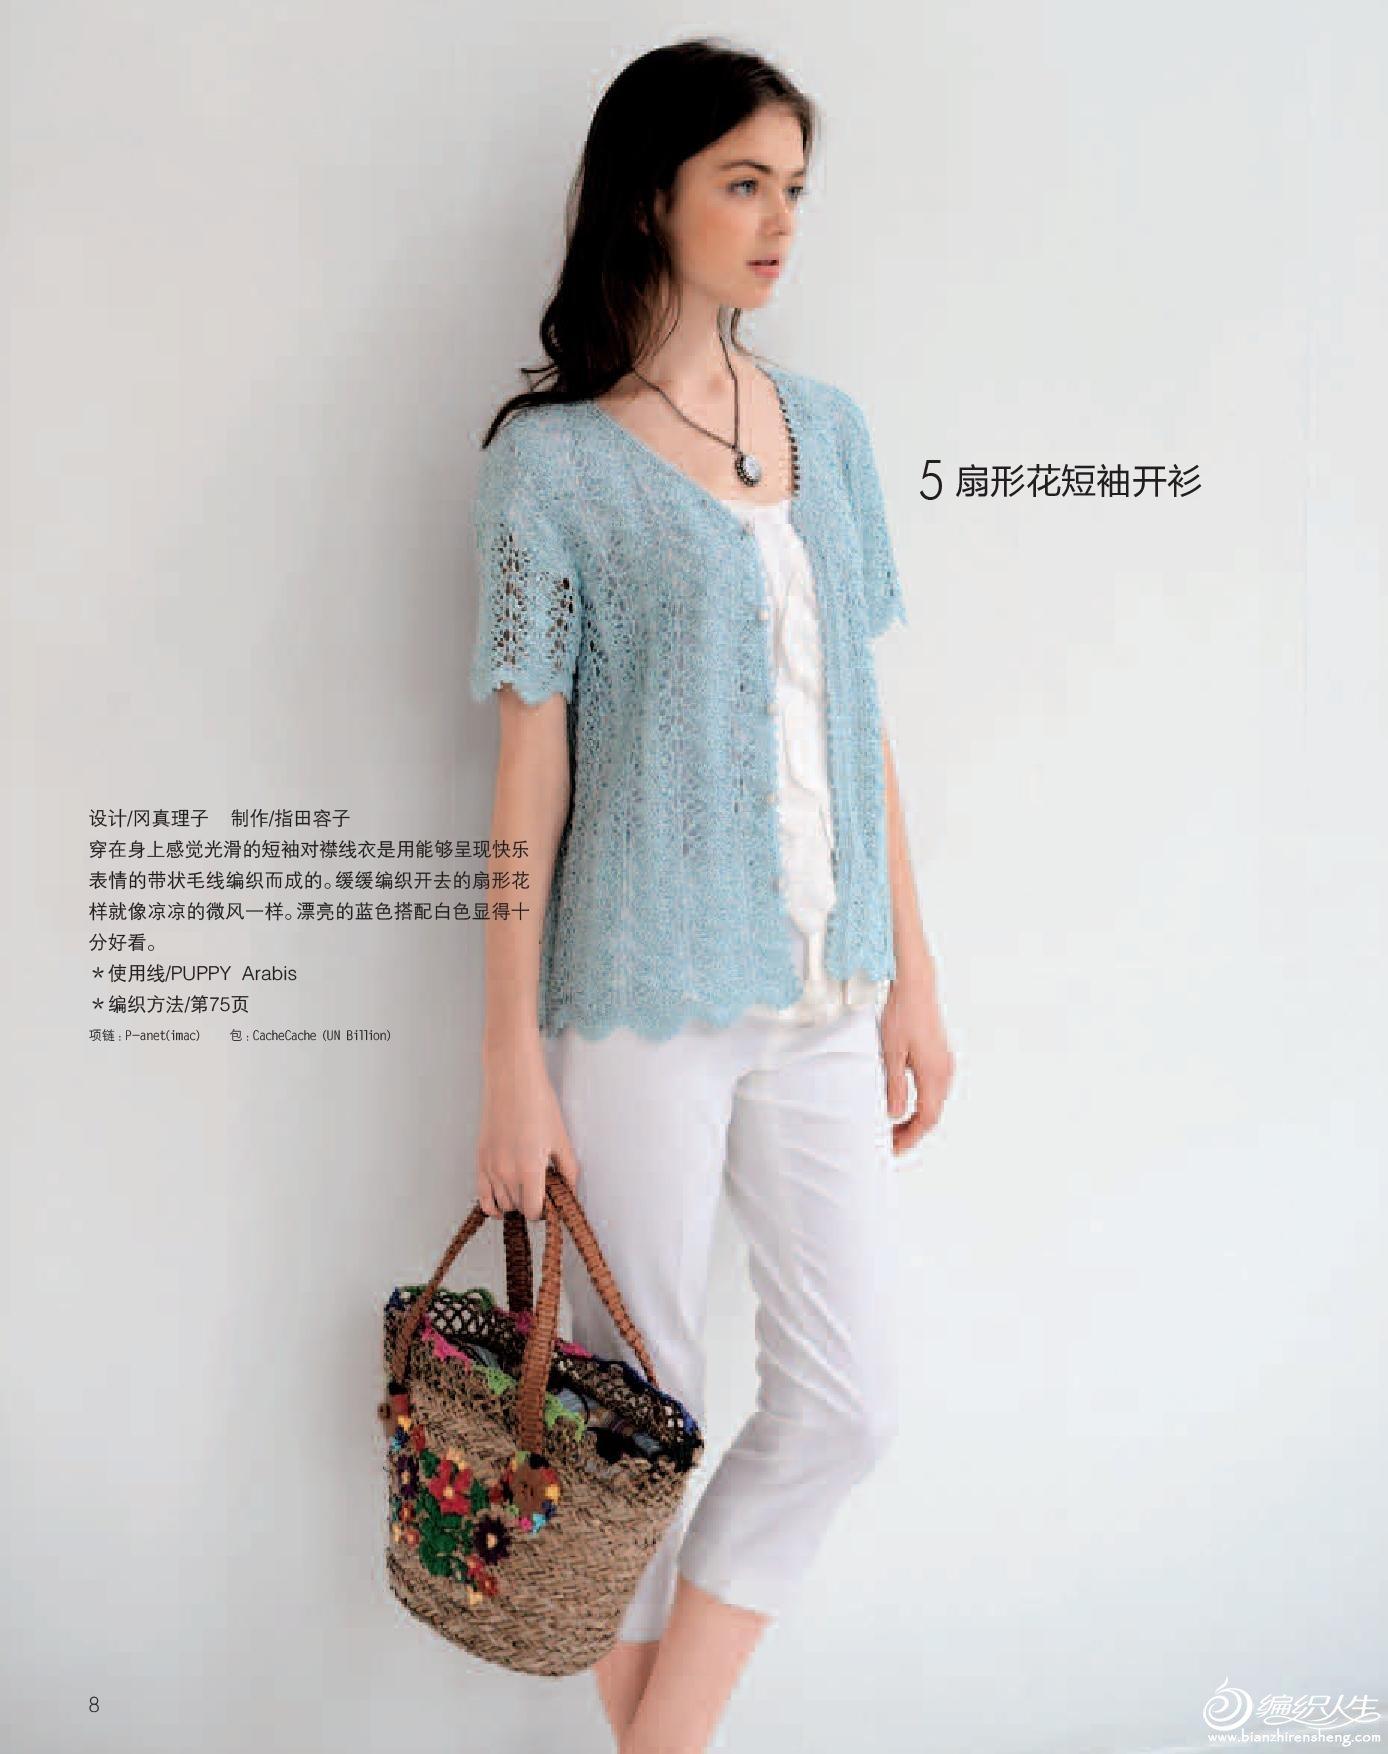 世界编织1 蕾丝编织的美丽世界-8.jpg